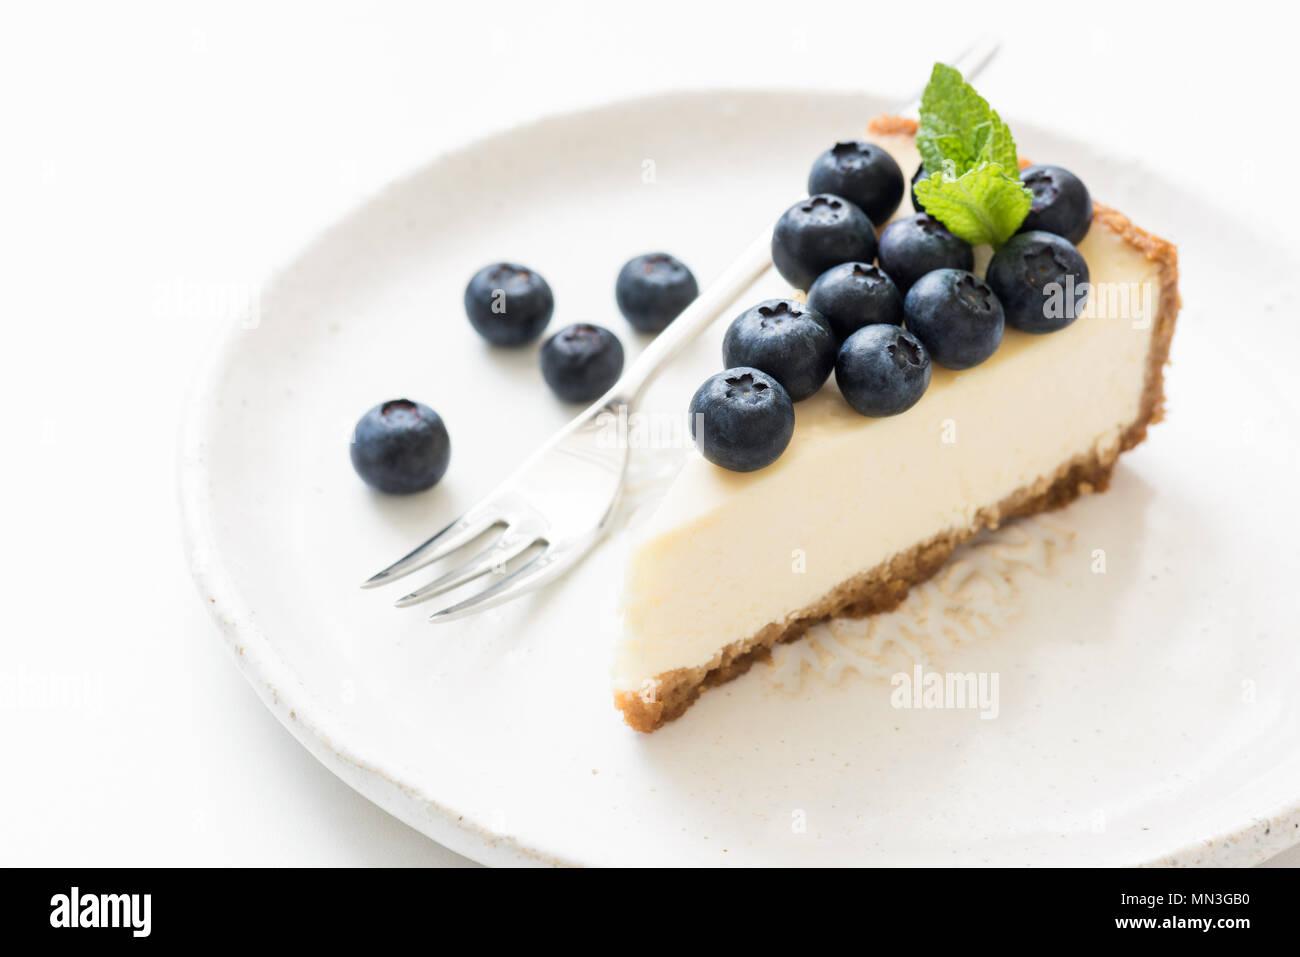 Fetta di cheesecake con mirtilli e foglia di menta su bianco. Vista ingrandita, il fuoco selettivo. New York cheesecake Immagini Stock